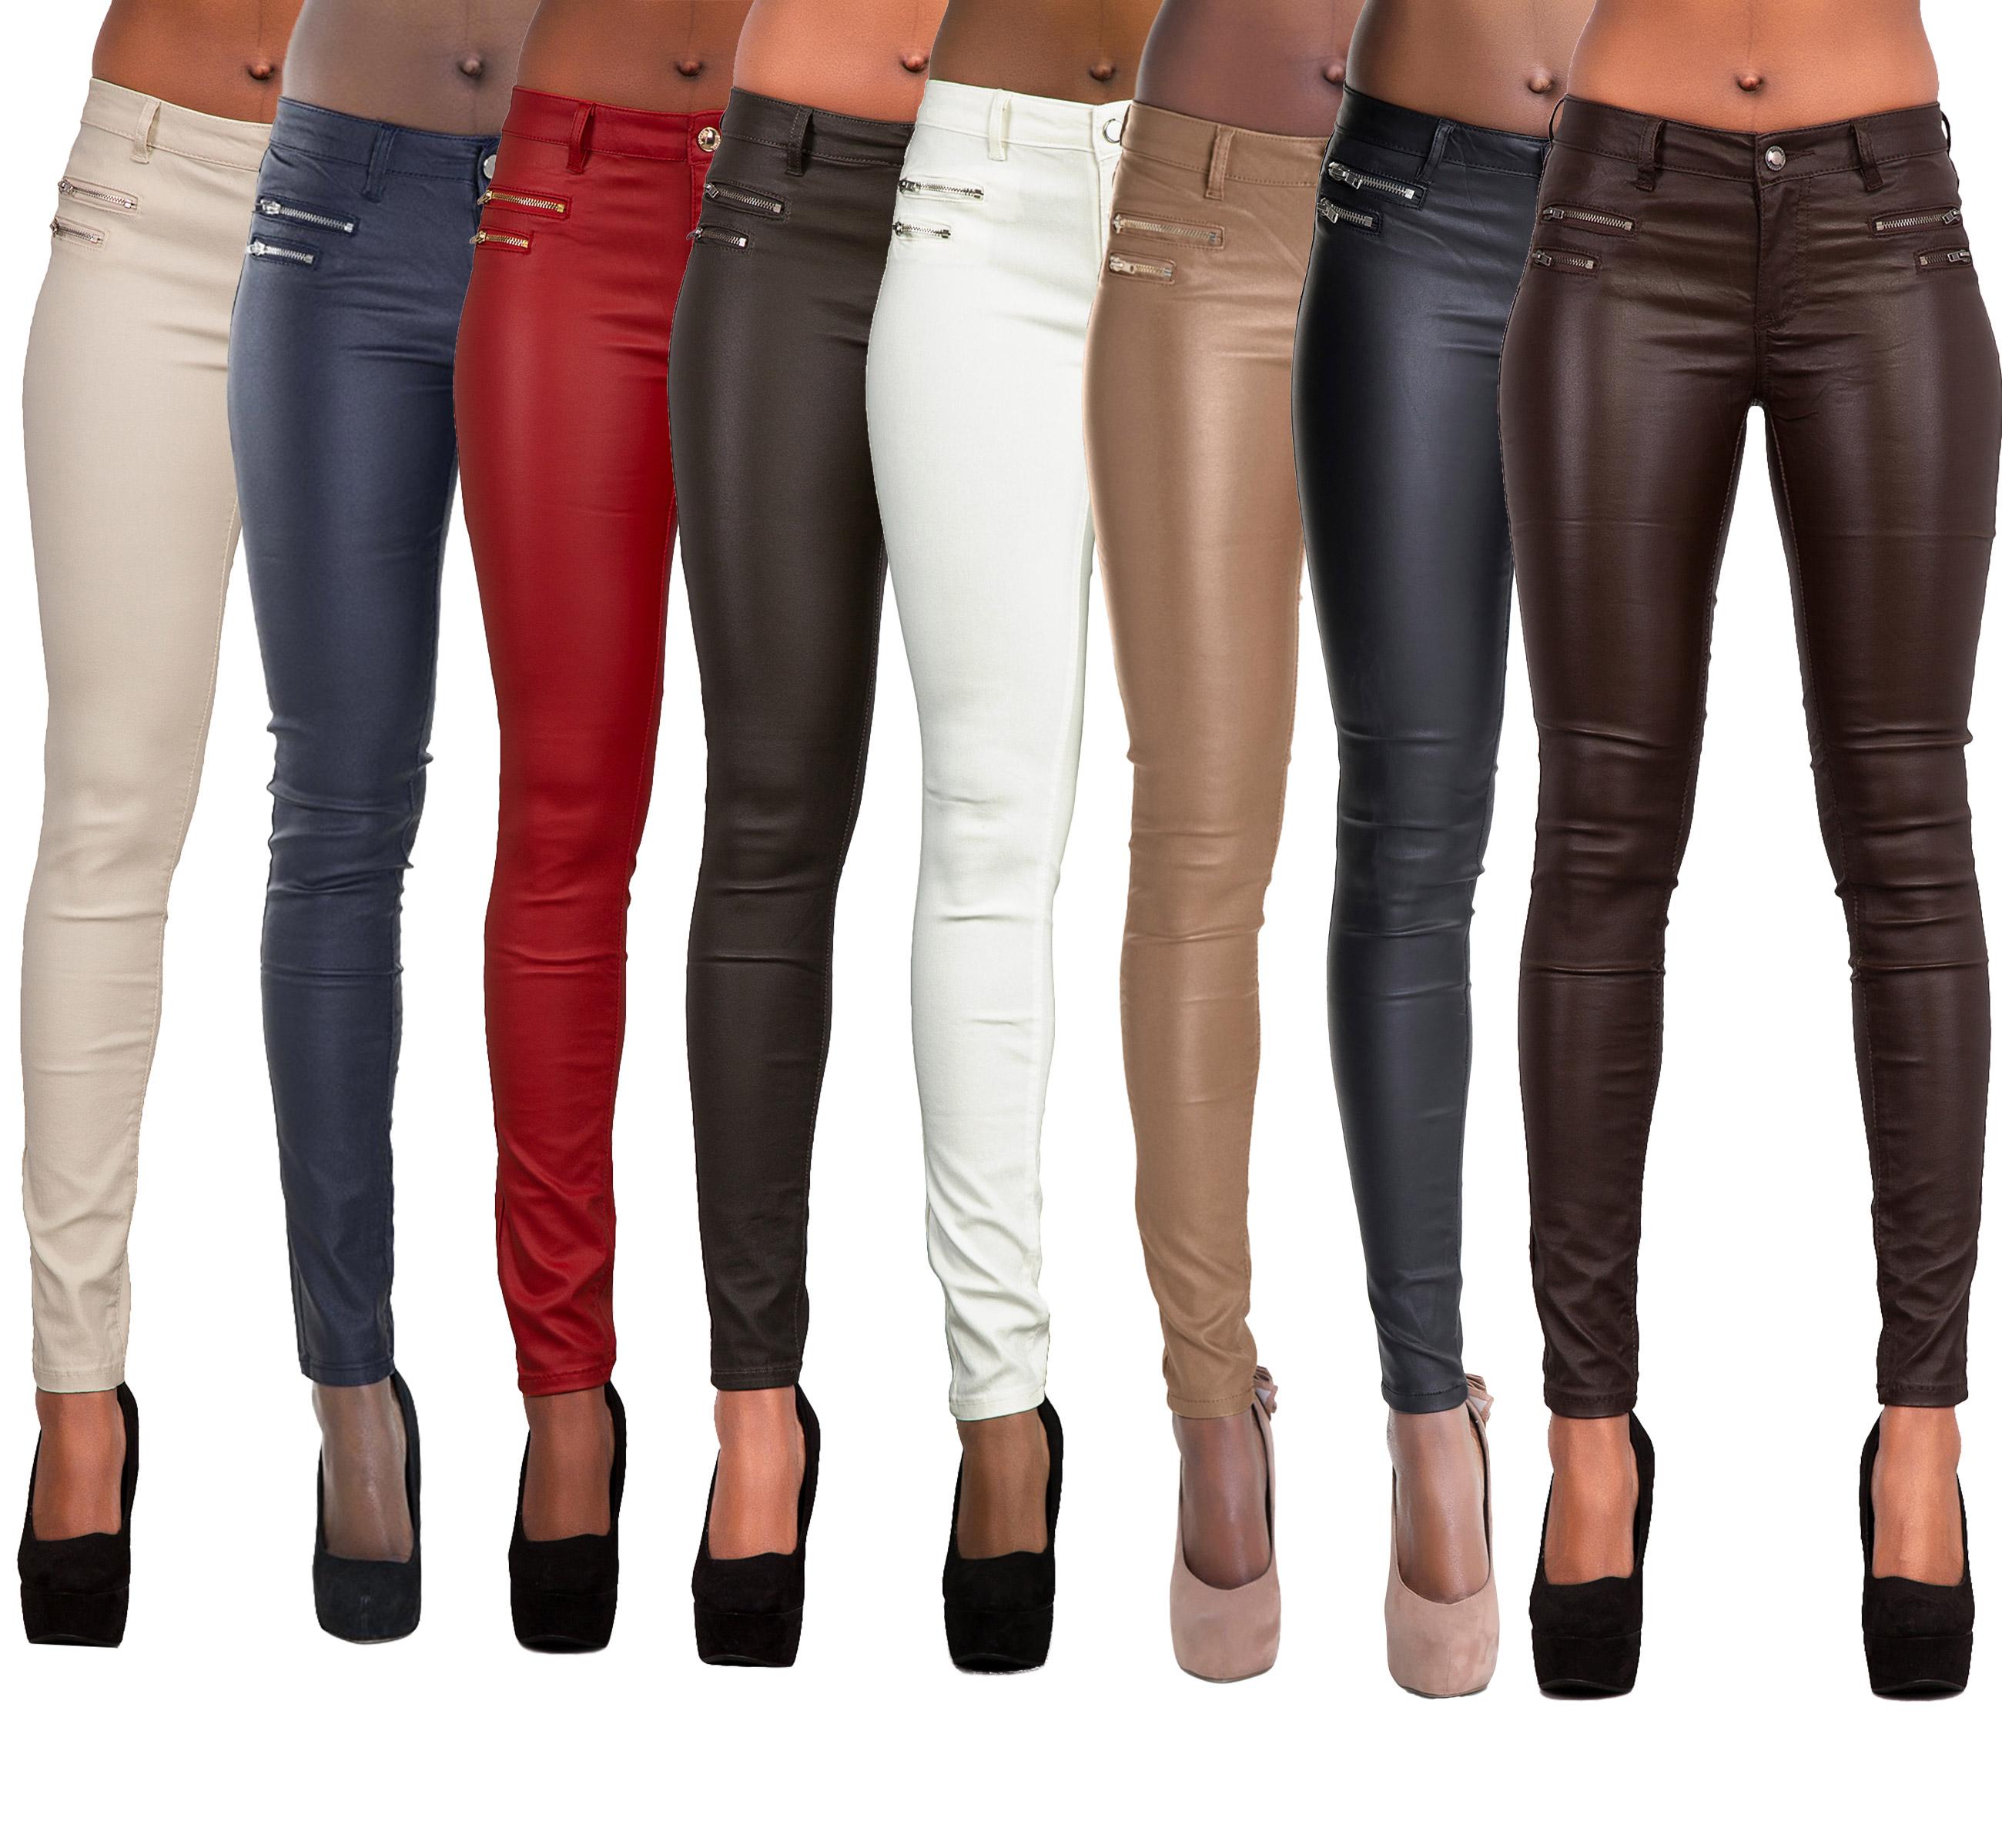 Womens Leather Look Trousers ladies Wet Look Leggings Skinny Pants Size 6-16